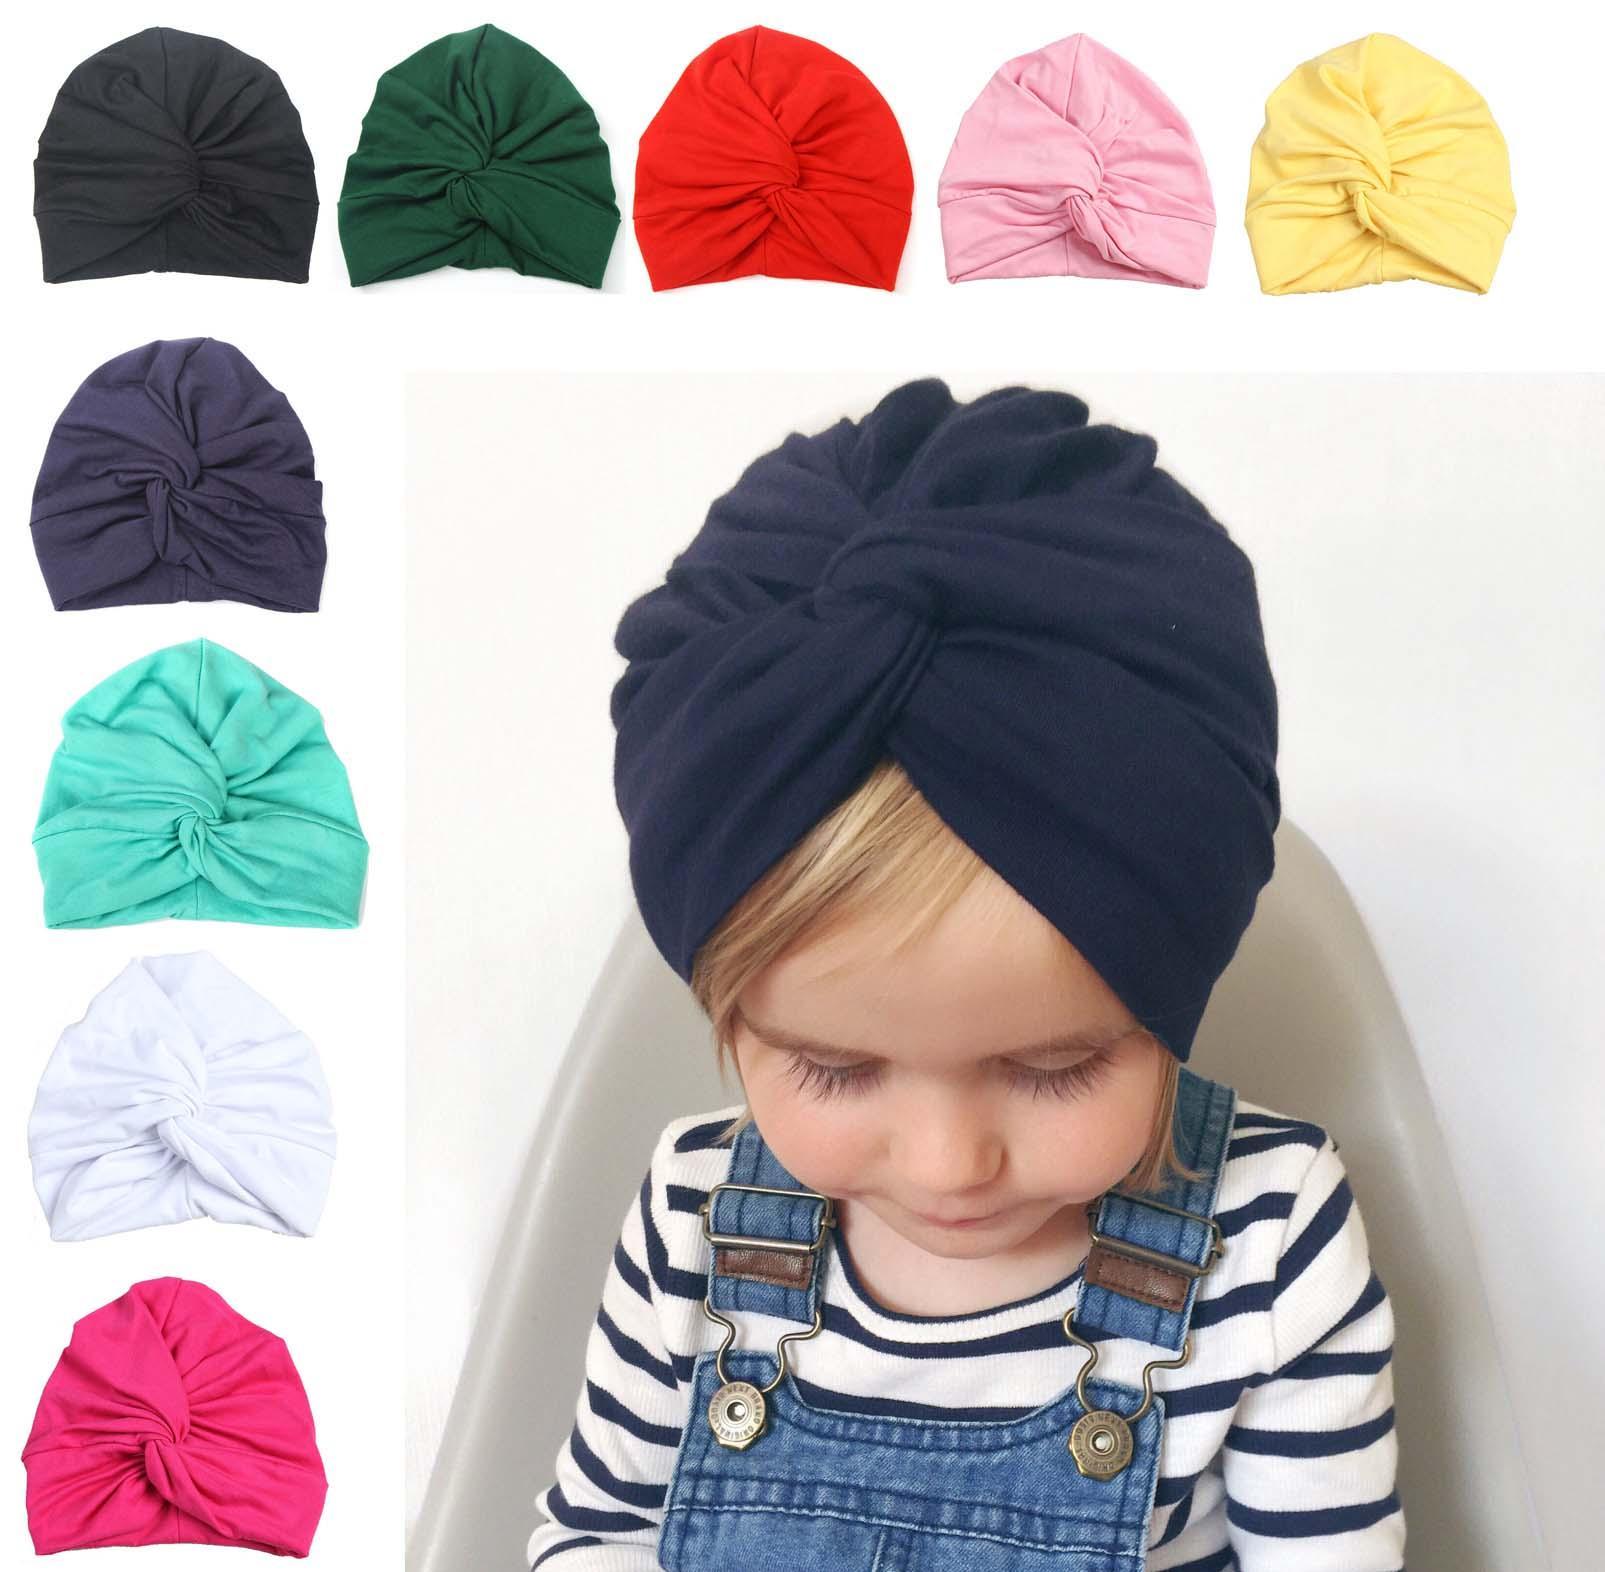 Acheter Turban Baby Hat Bonnet Pour Bébé Élastique Nouveau Né Bonnet  Multicolore Bandeau Pour Bébé De  1.15 Du Kids shunhui   DHgate.Com 806d3fb8660